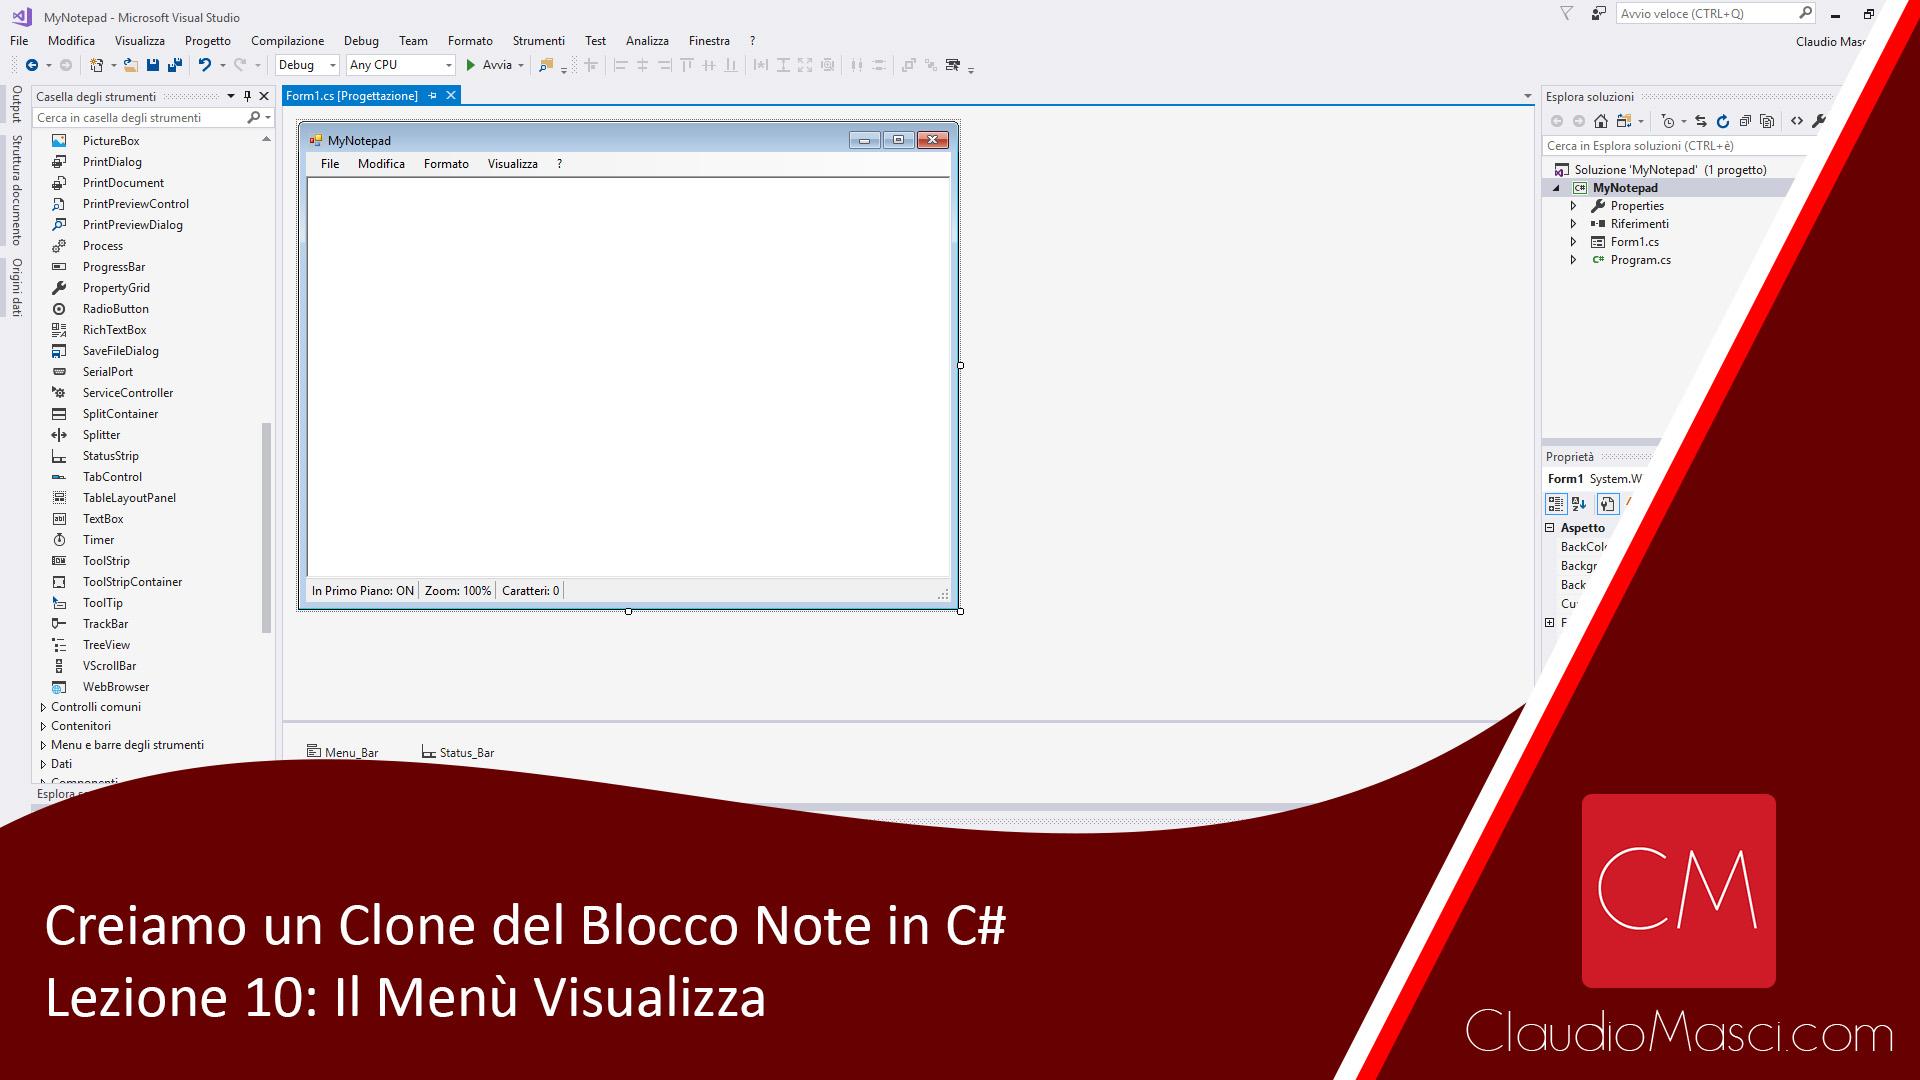 Creiamo un clone del Blocco Note in C# – Lezione 10: Il Menù Visualizza